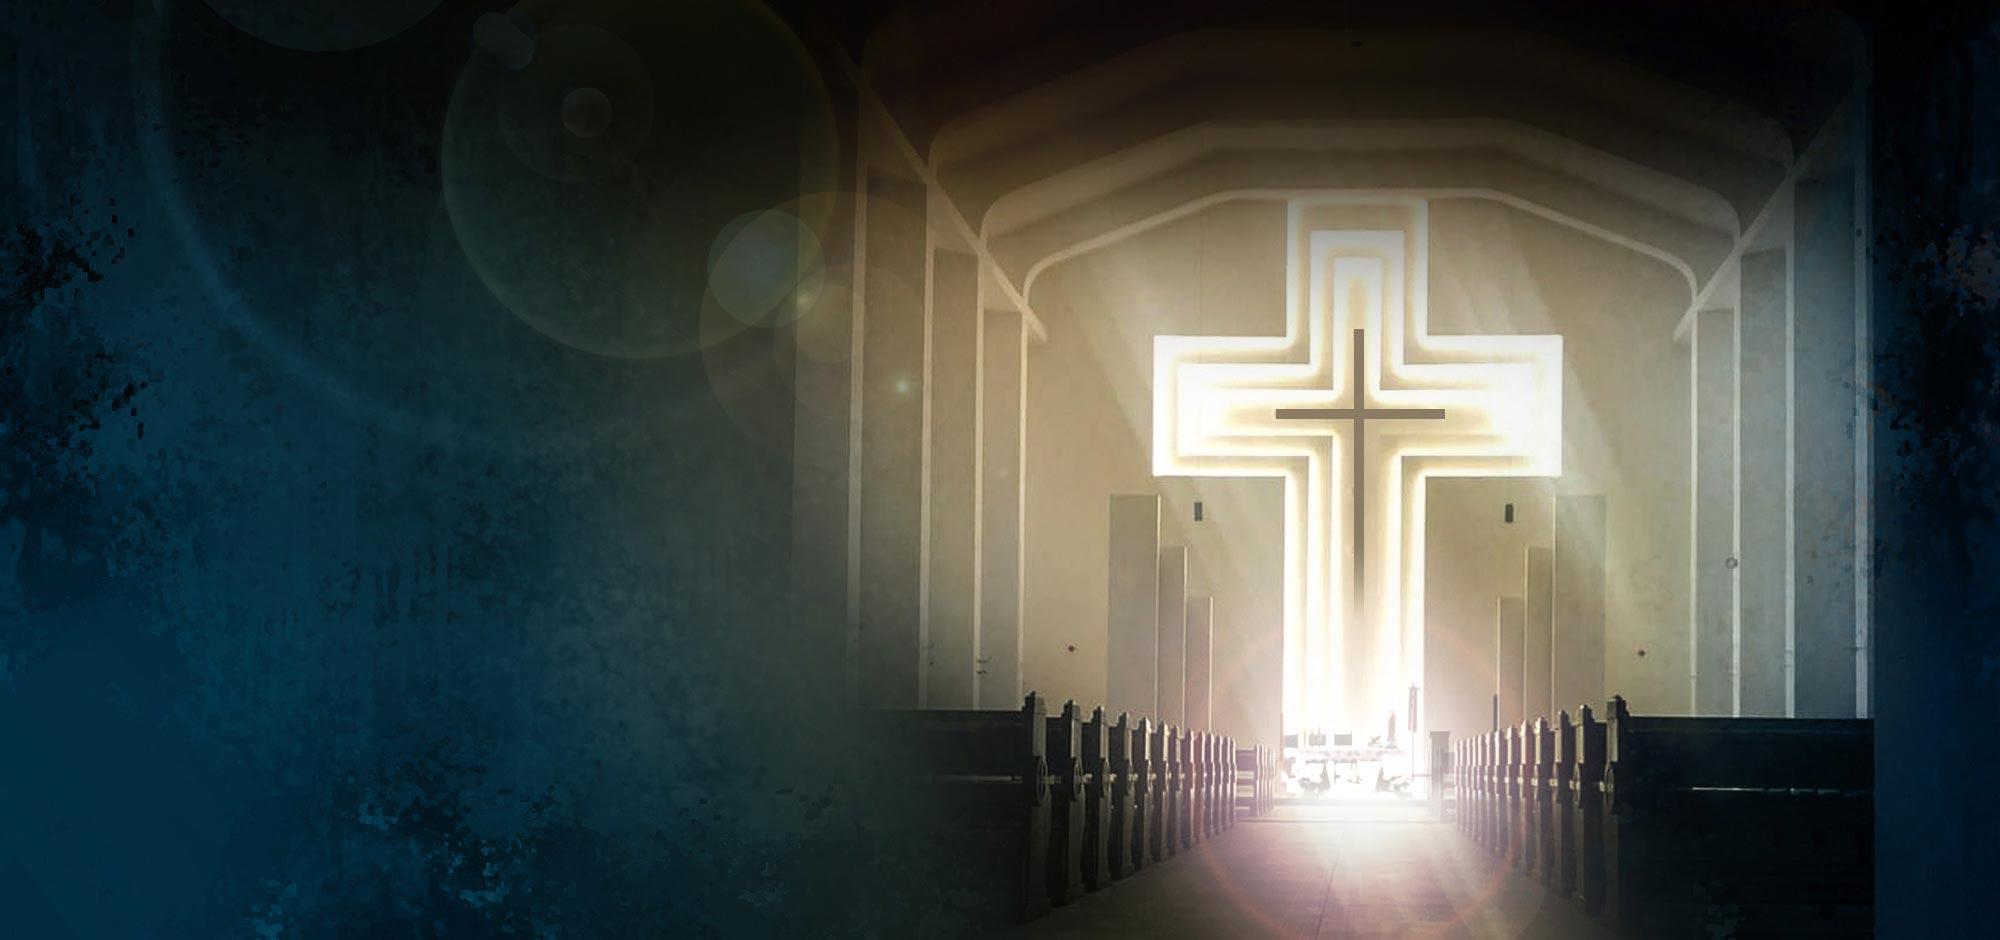 Parafia św. Michała<br>Archanioła